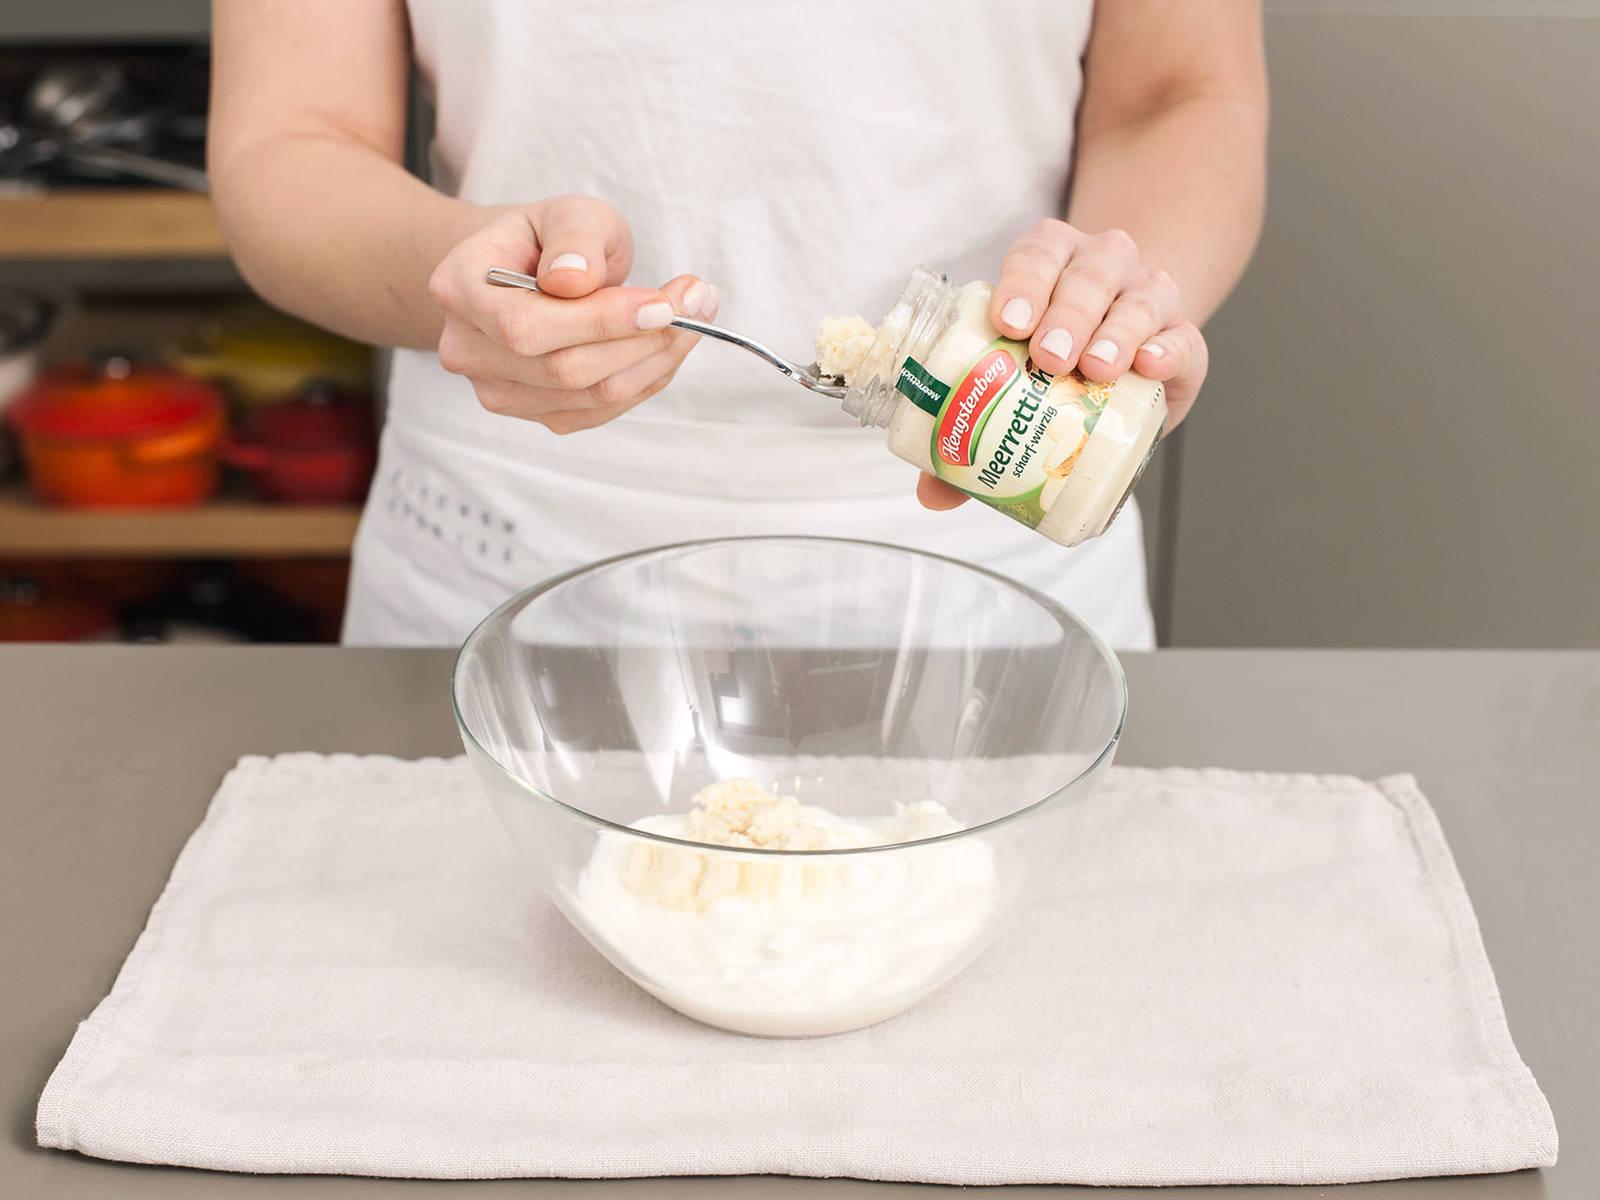 在一个搅拌碗中,将酸奶油和辣根搅拌混合。